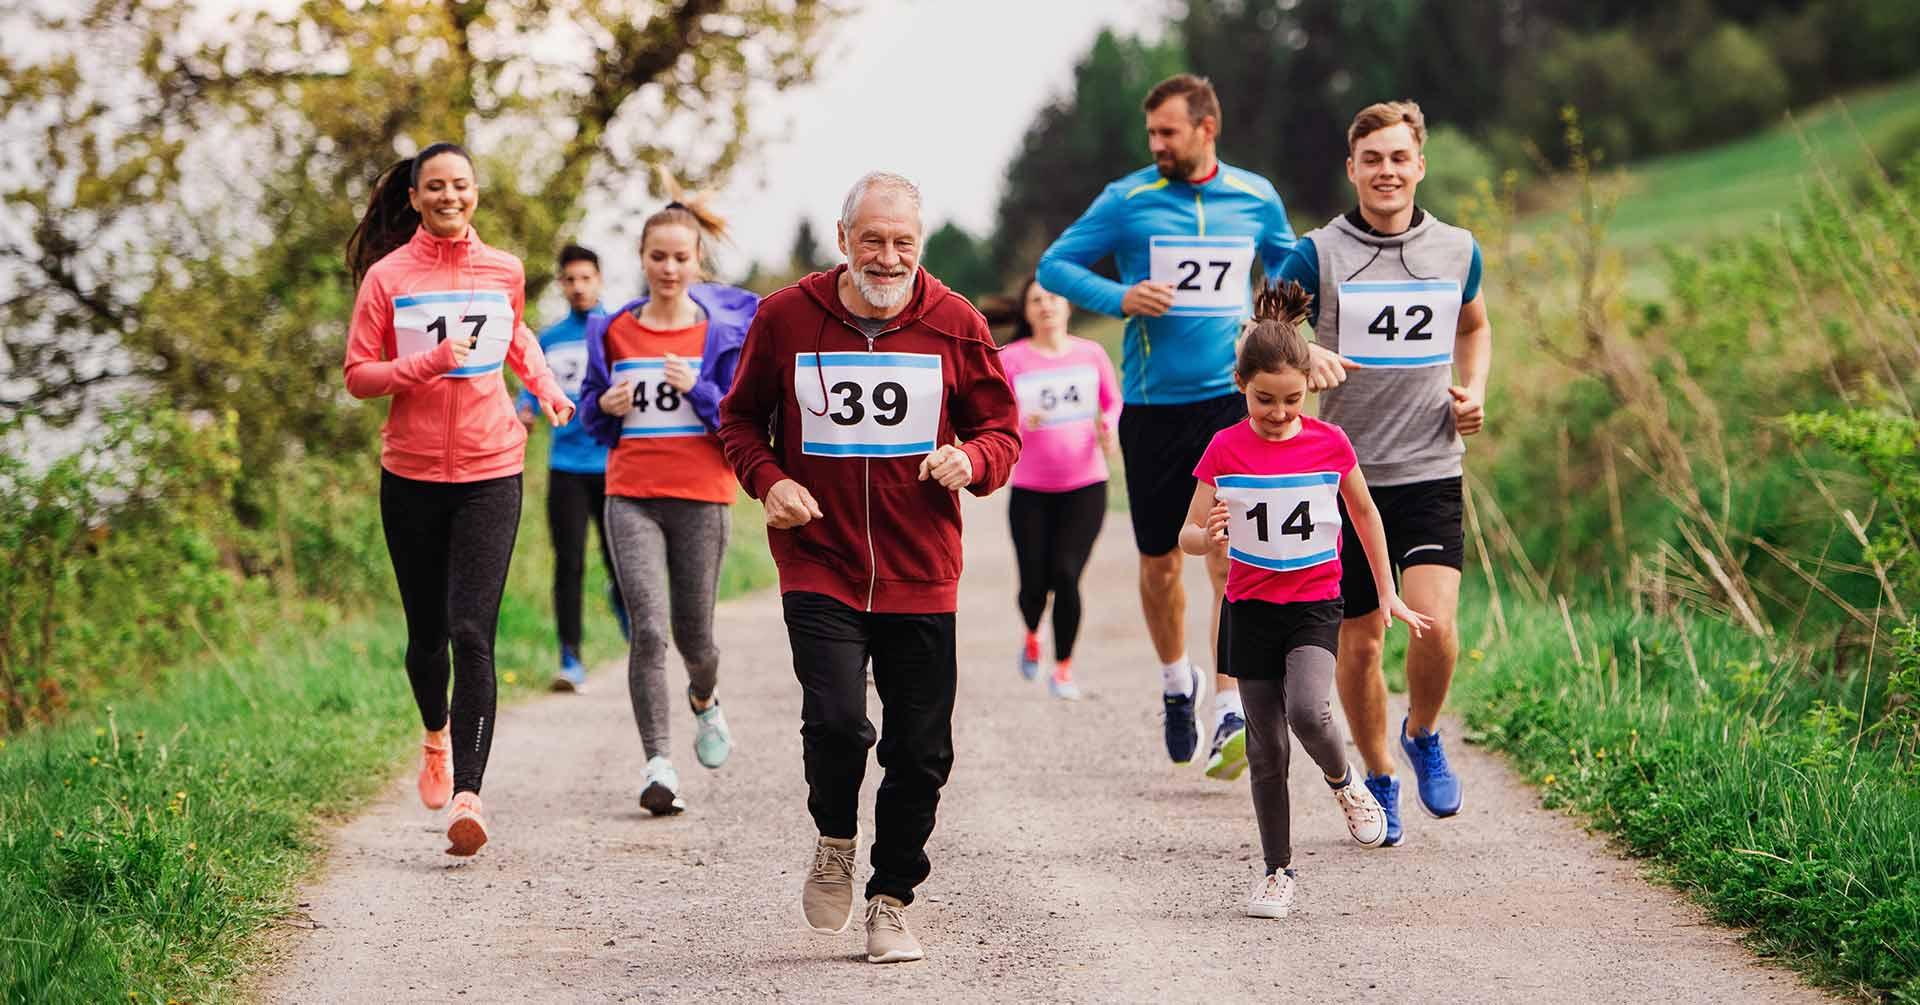 ¿A qué edad se puede correr un medio maratón?